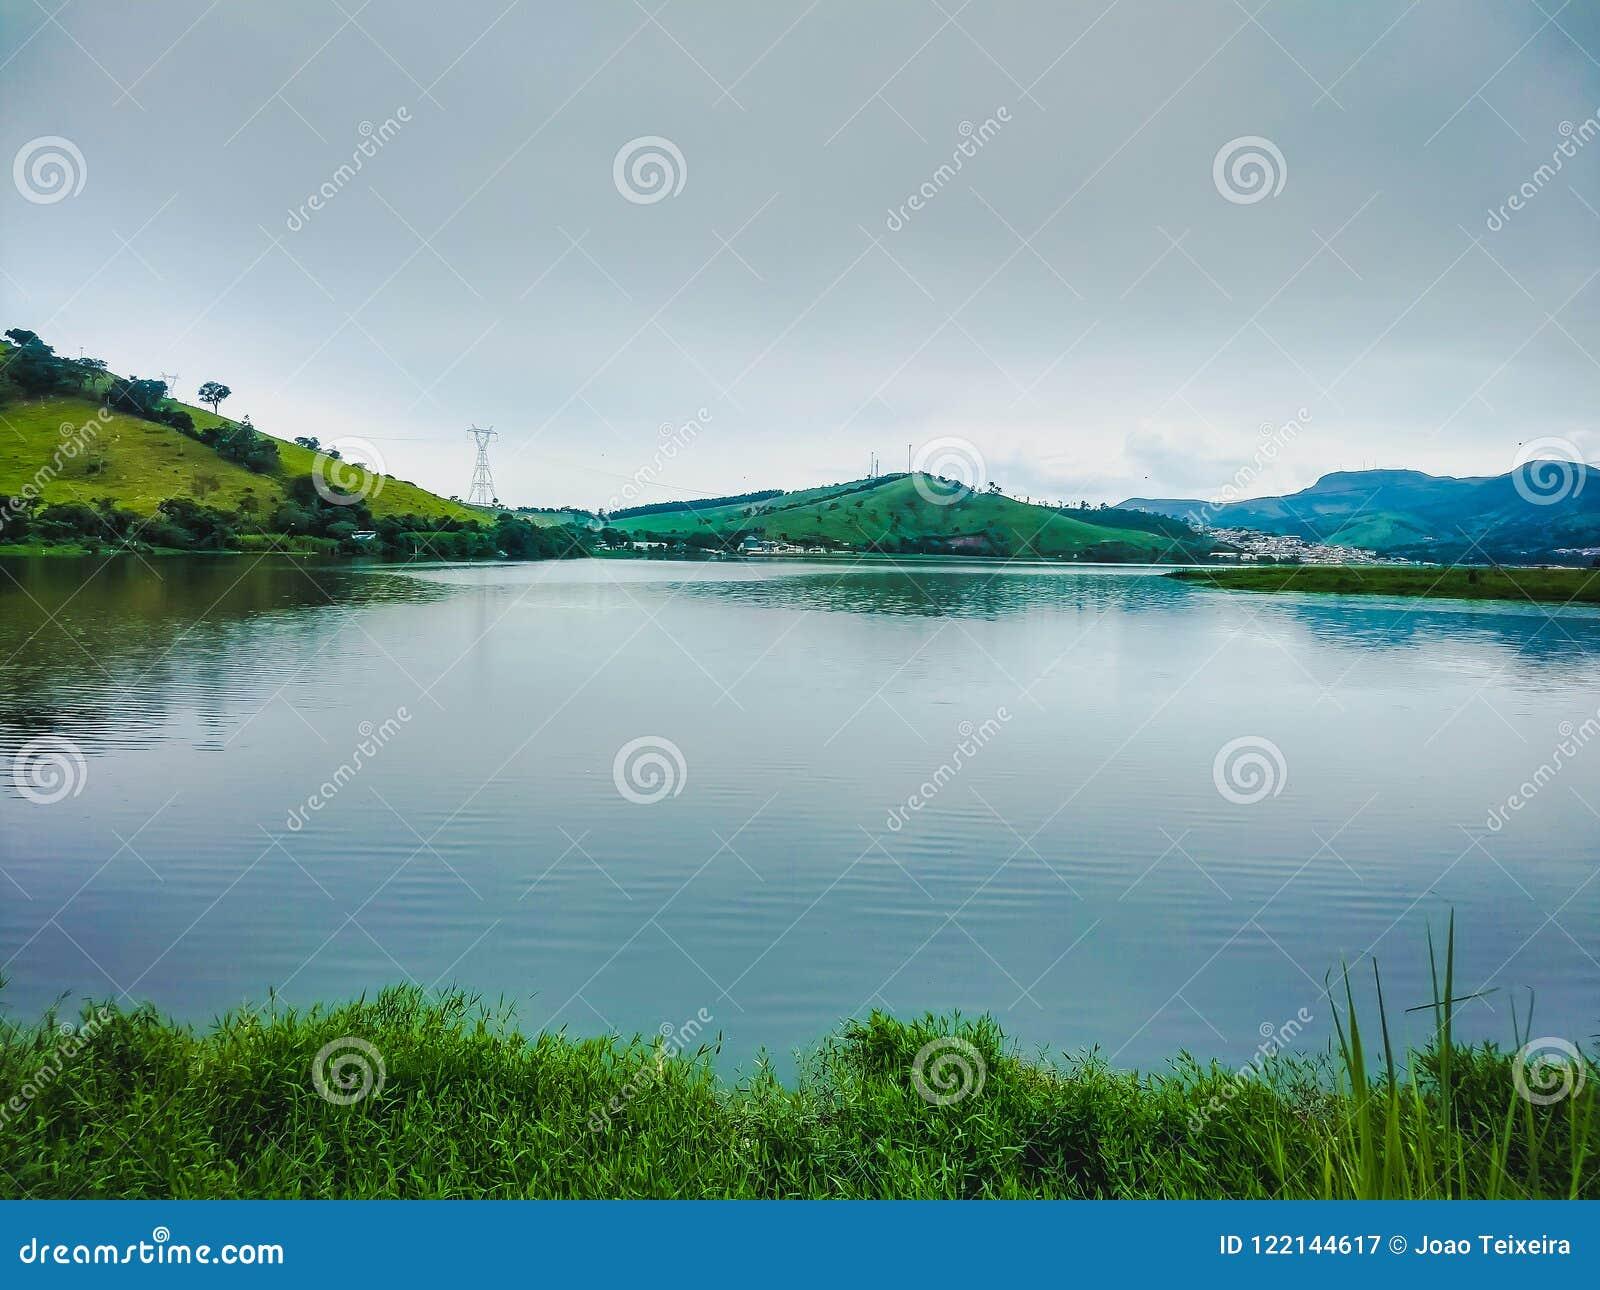 Ландшафт с озером открытого моря и с отражением деревьев которые вокруг, горы на заднем плане и травы в botto